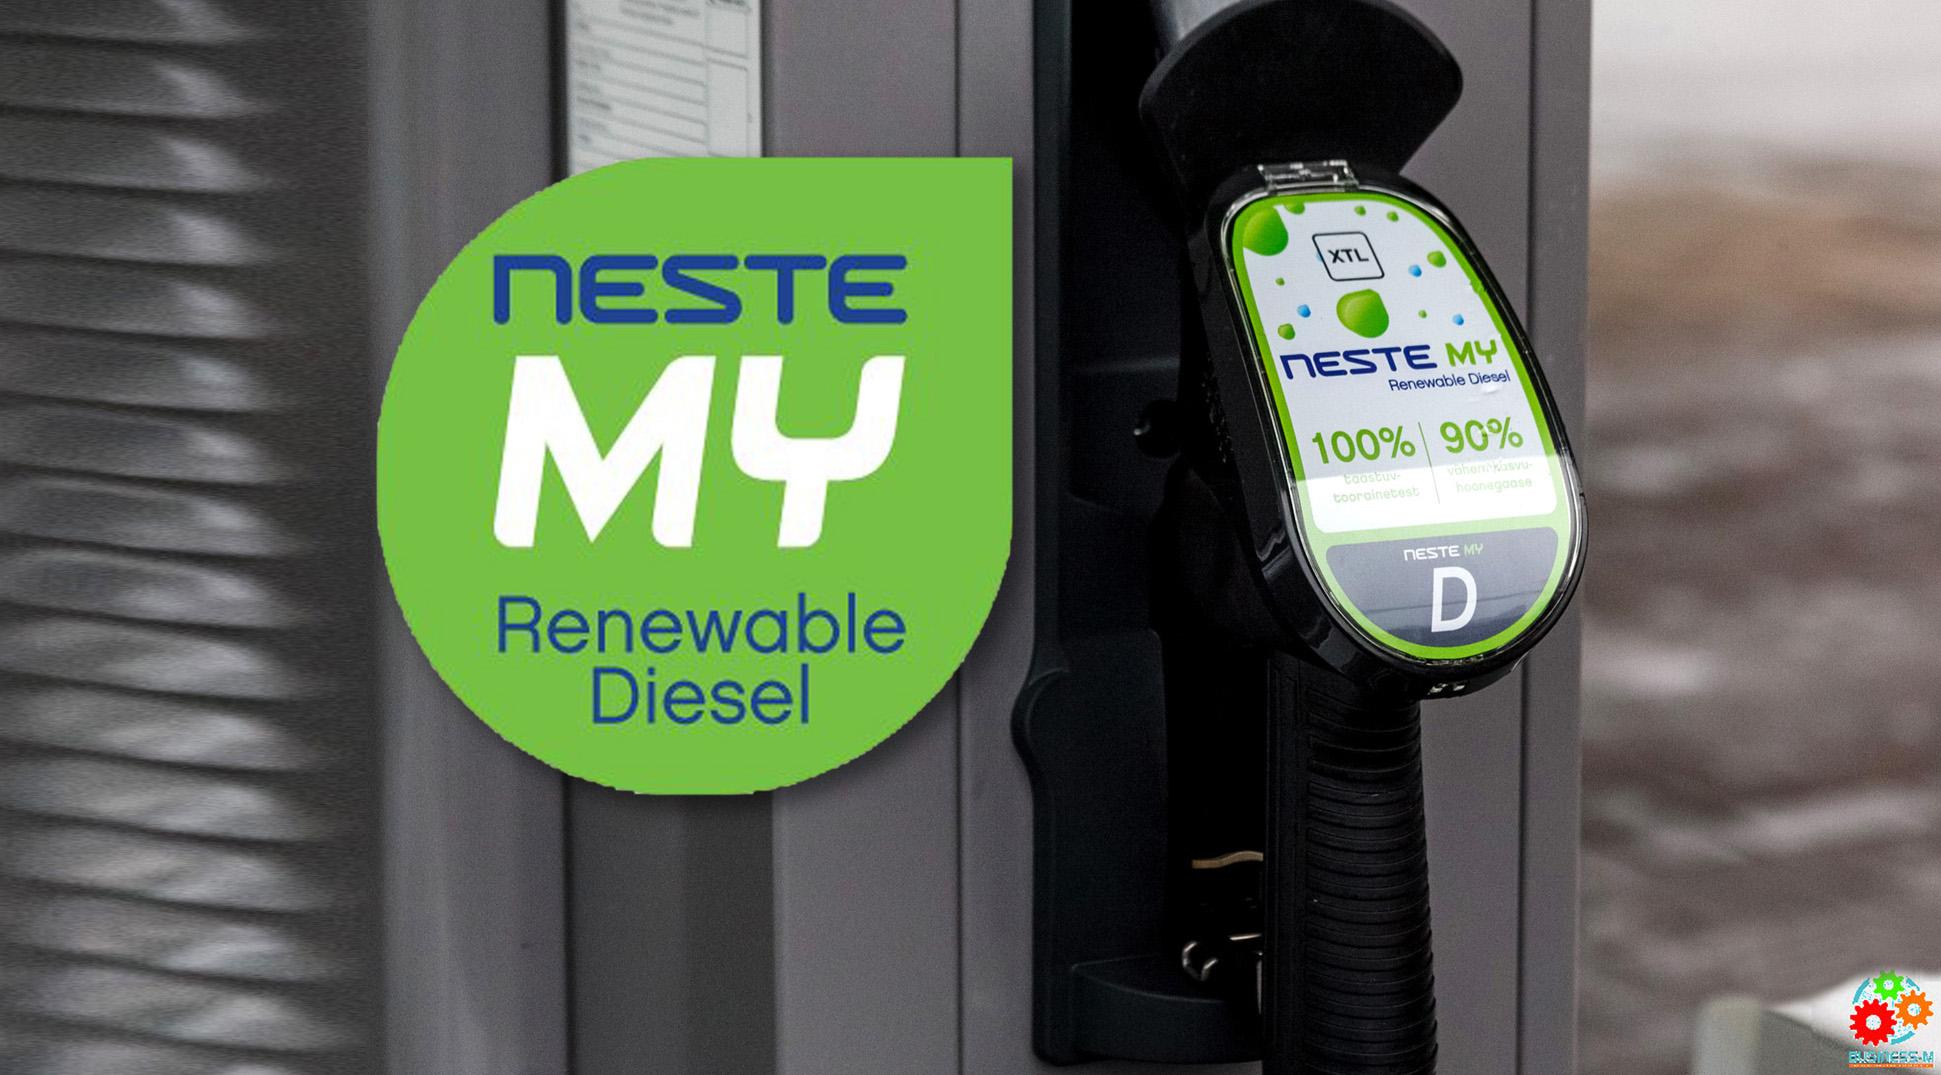 Neste: На рынок топлива из возобновляемого сырья кризис не повлиял